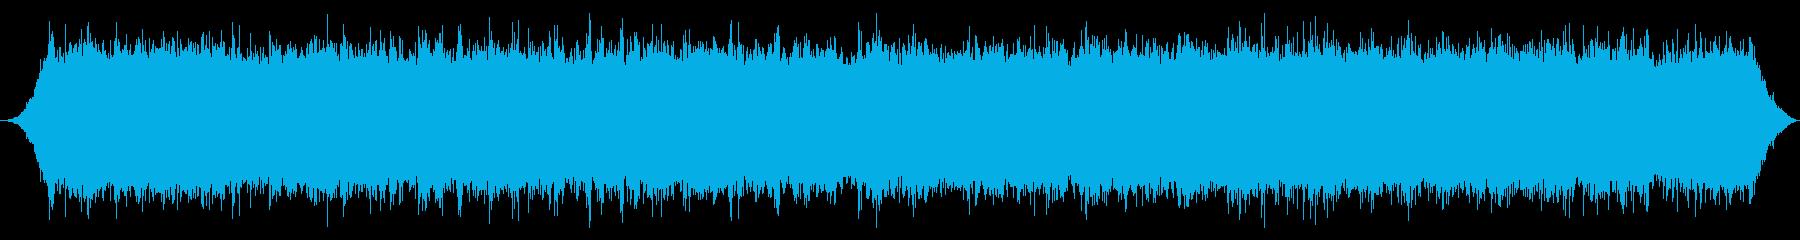 リバーラピッズ:ヘビーパワフルウィ...の再生済みの波形